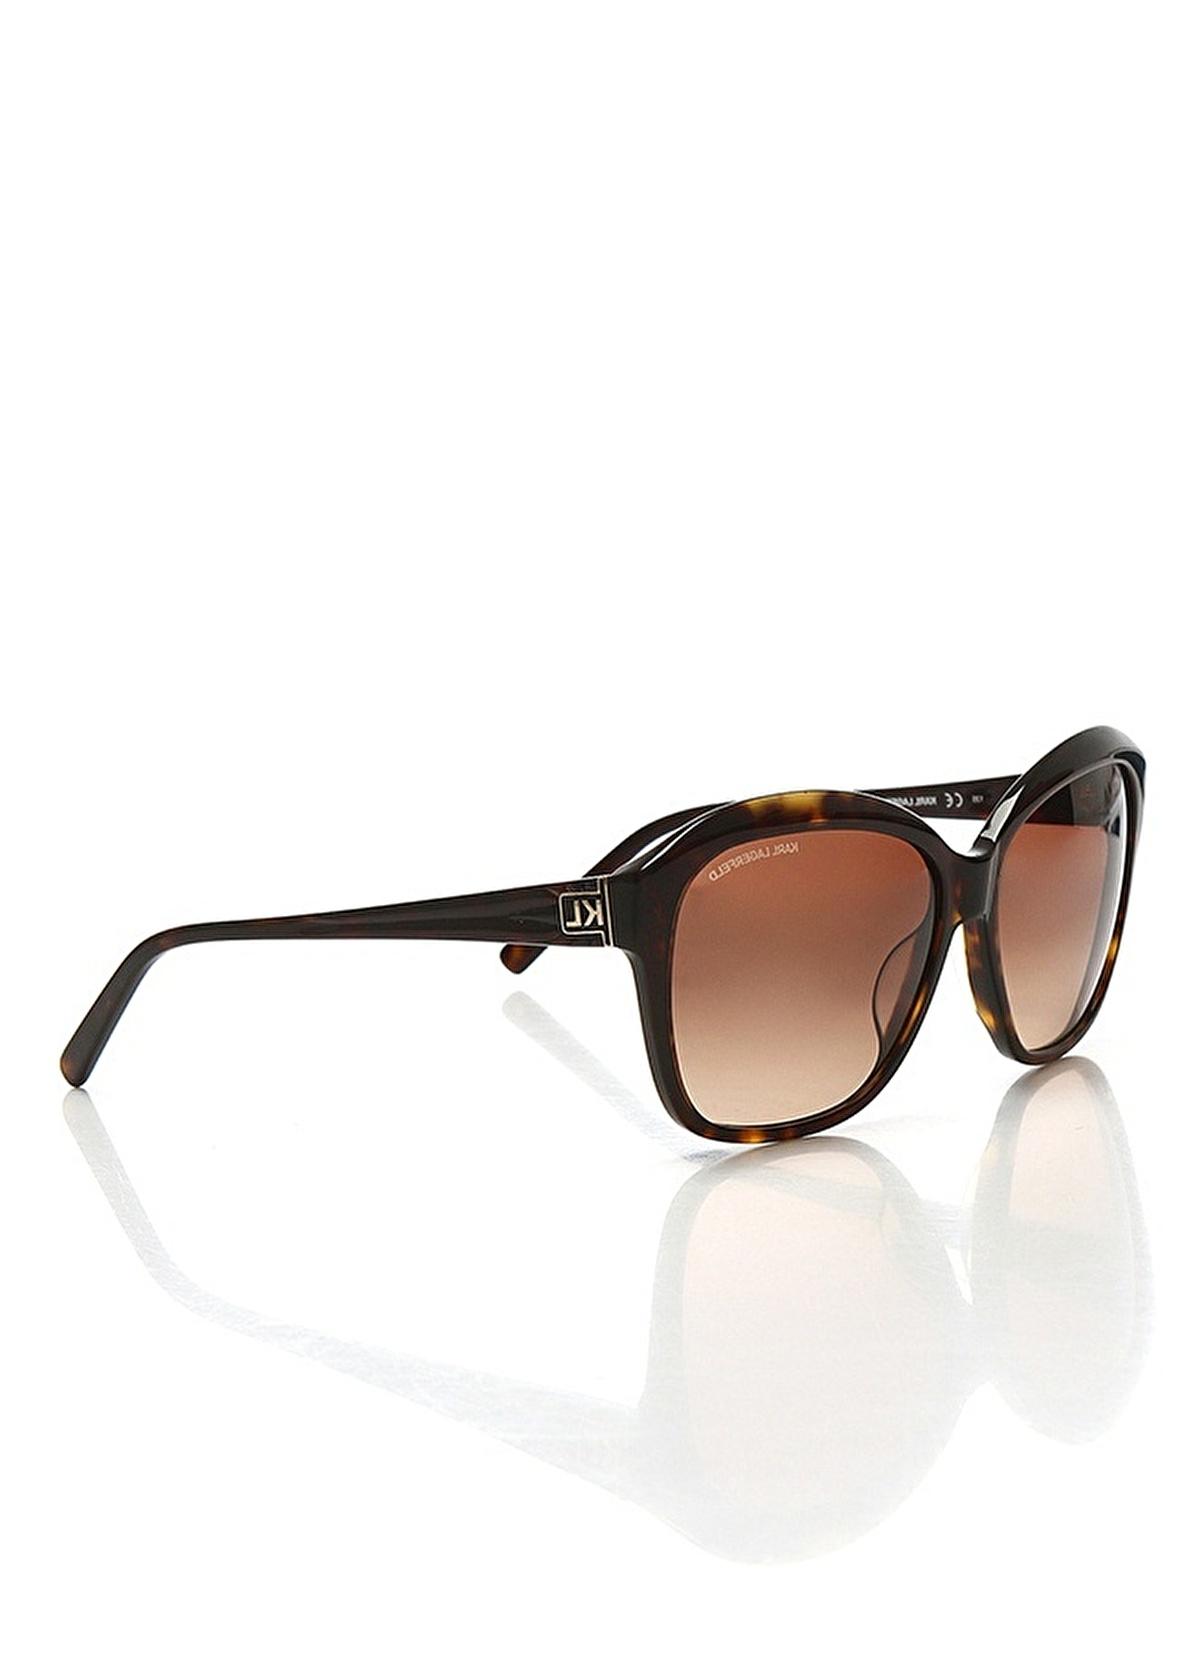 Karl Lagerfeld Güneş Gözlüğü Kl 779 013 Gözlük – 469.99 TL